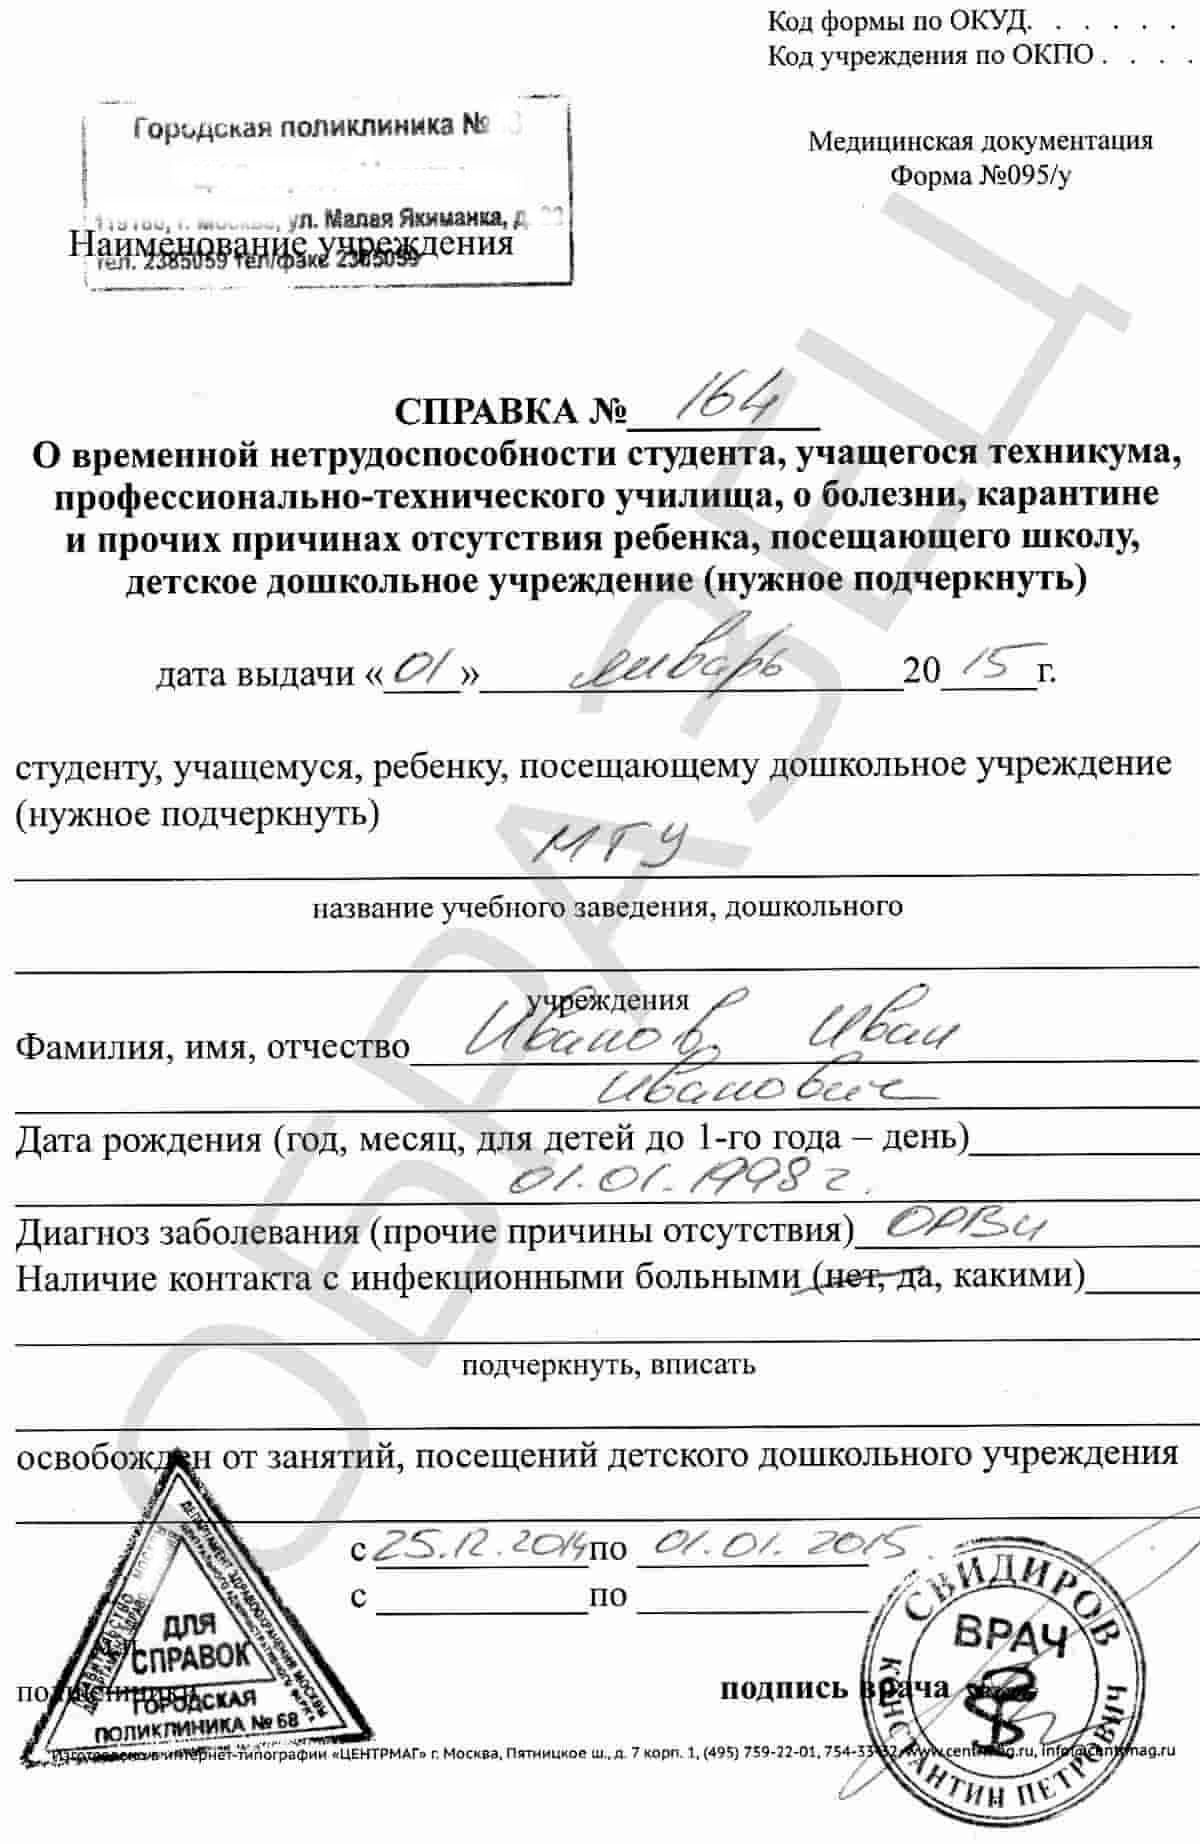 Купить справку академический отпуск в Красногорске